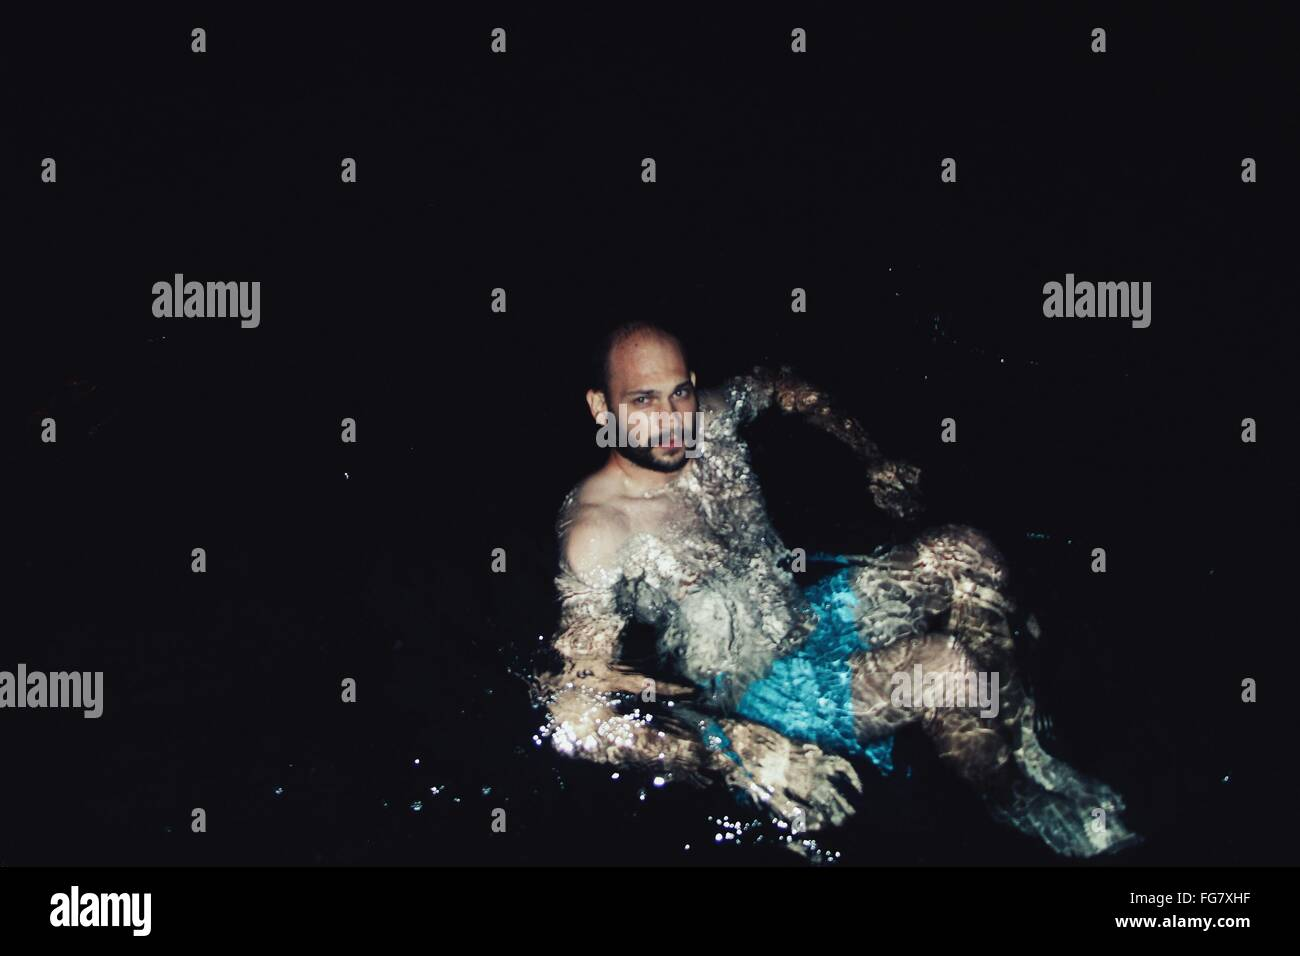 High Angle View Of Man Swimming At Lake - Stock Image